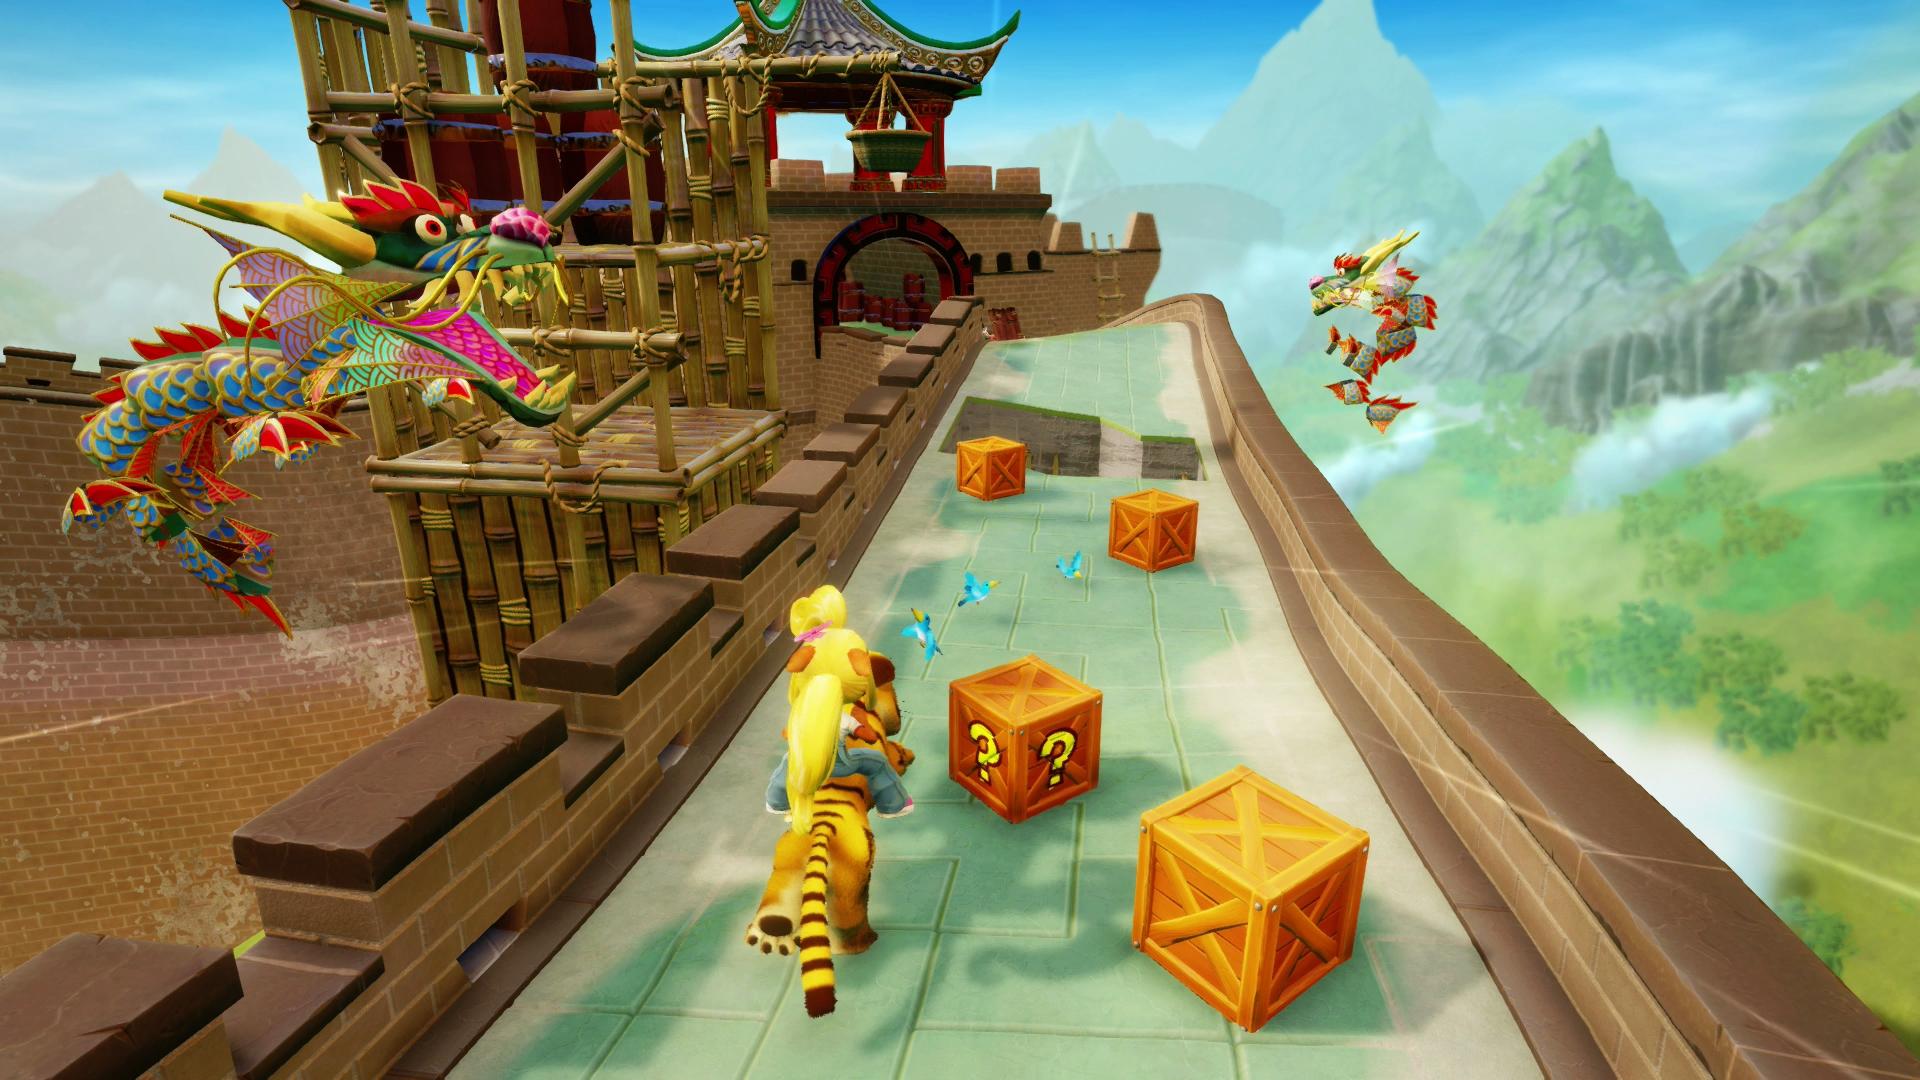 Wumpa Fruit For Everyone Crash Bandicoot N Sane Trilogy Makes